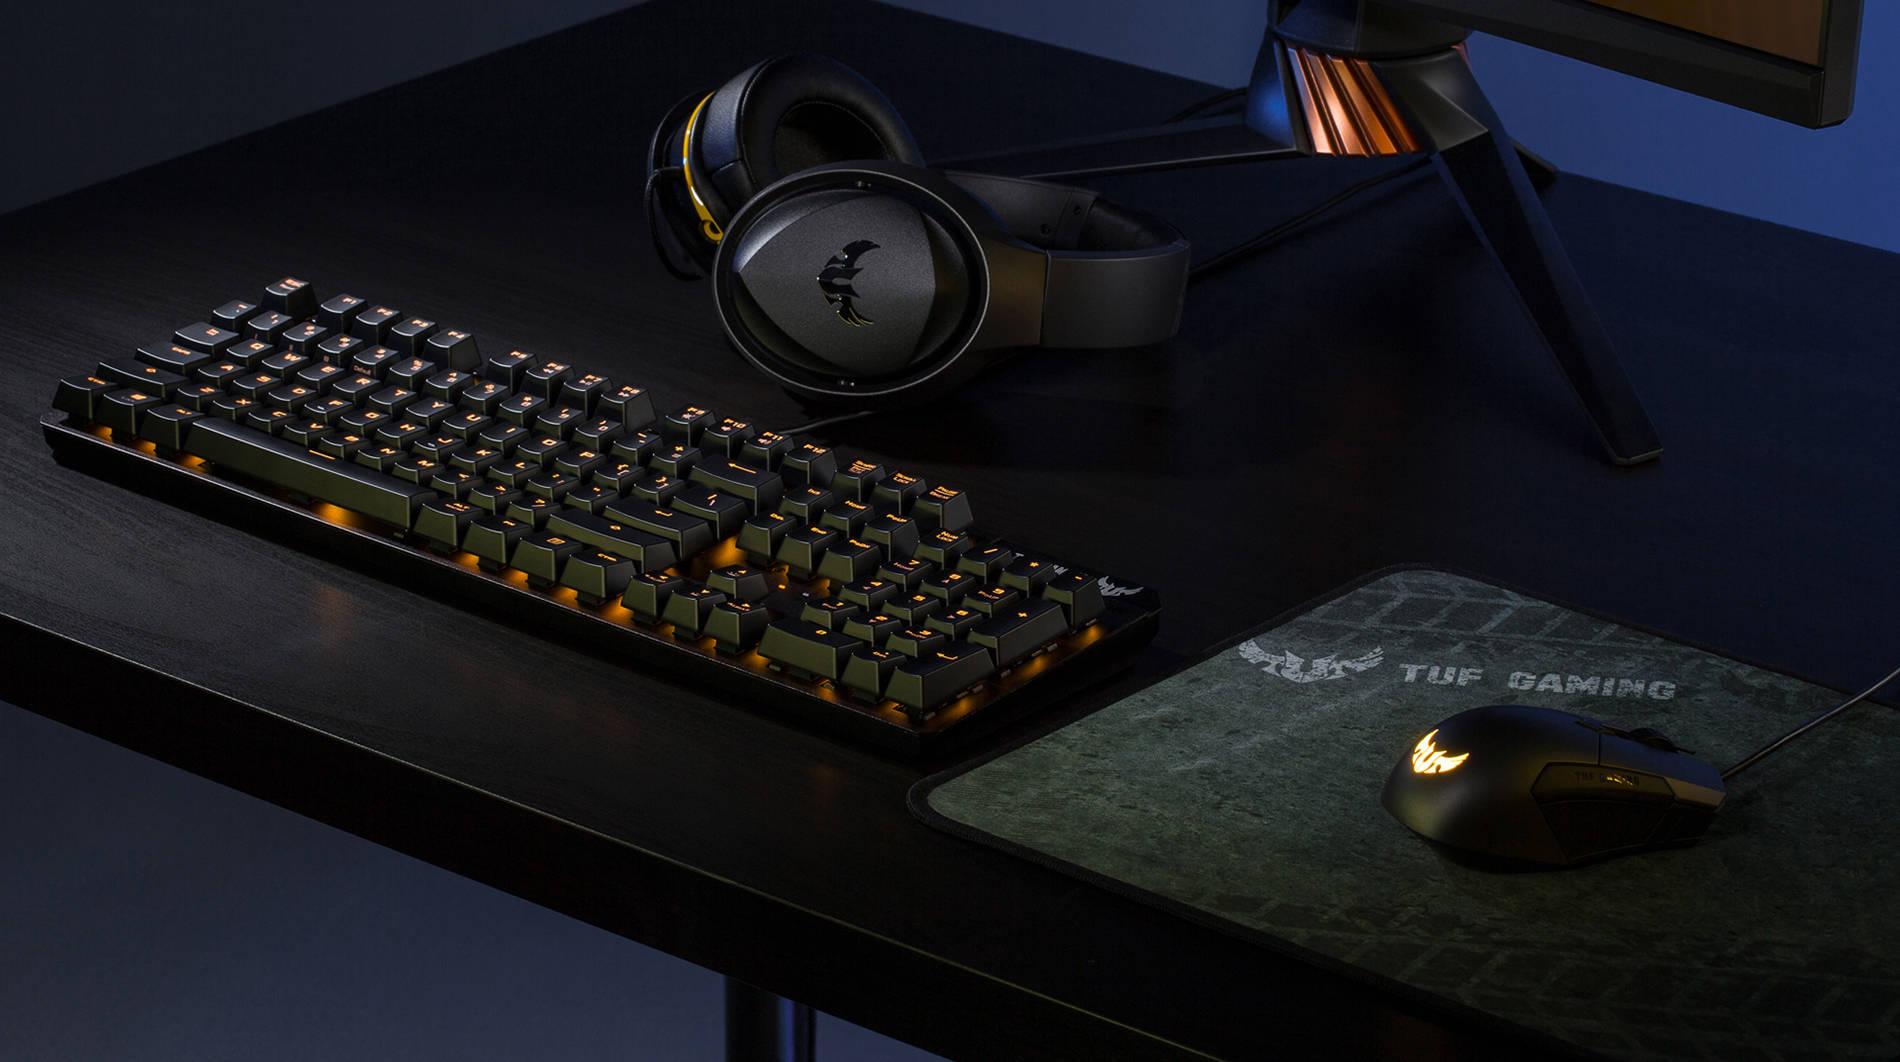 Компьютерный стол с клавиатурой, ковриком и мышкой